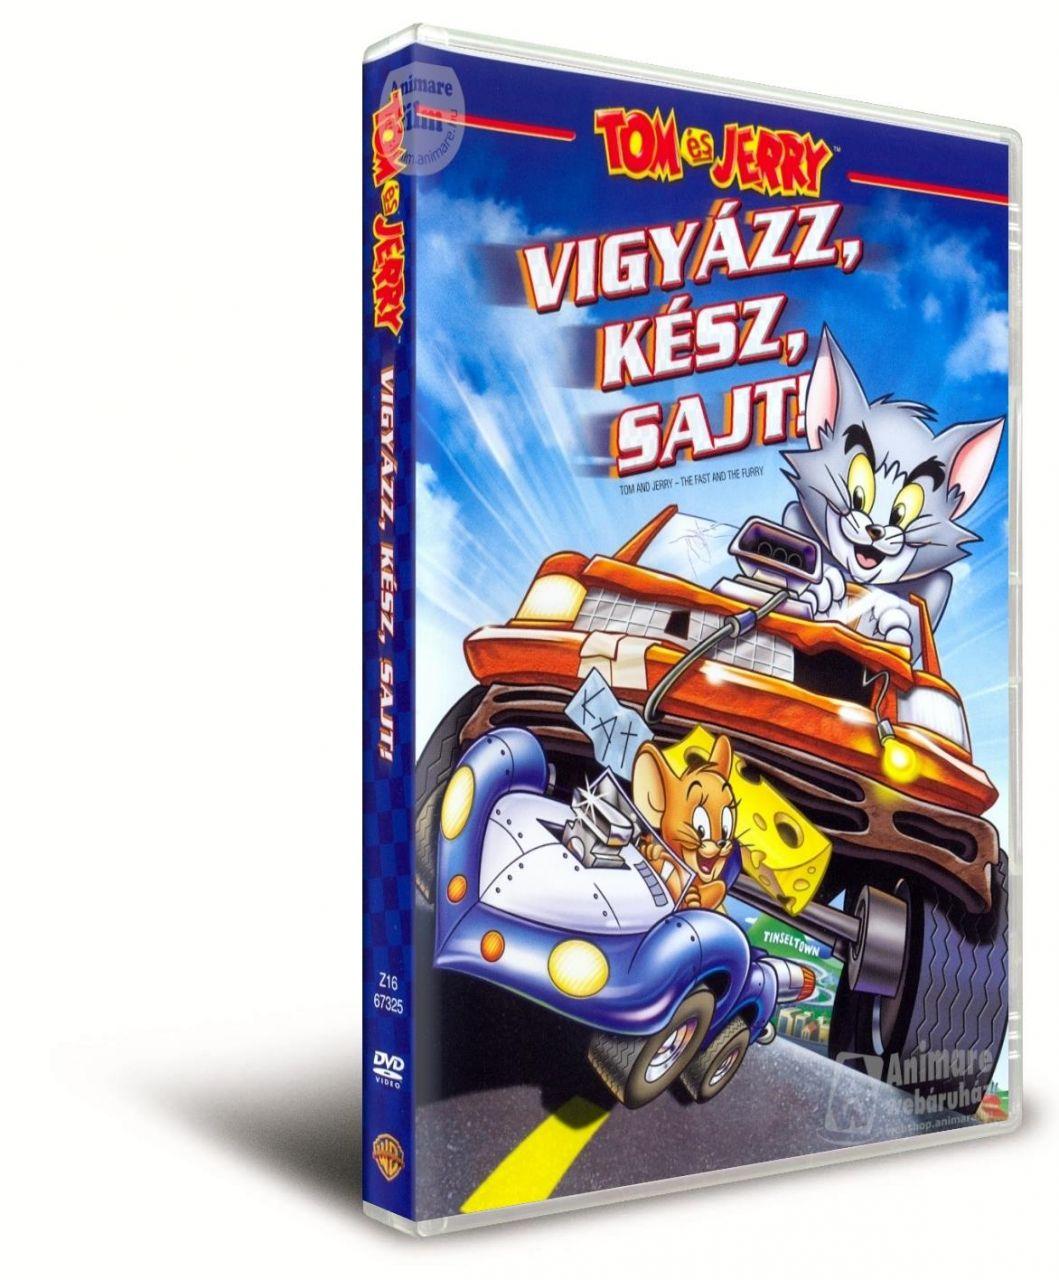 Tom és Jerry: Vigyázz, kész, sajt! (DVD)